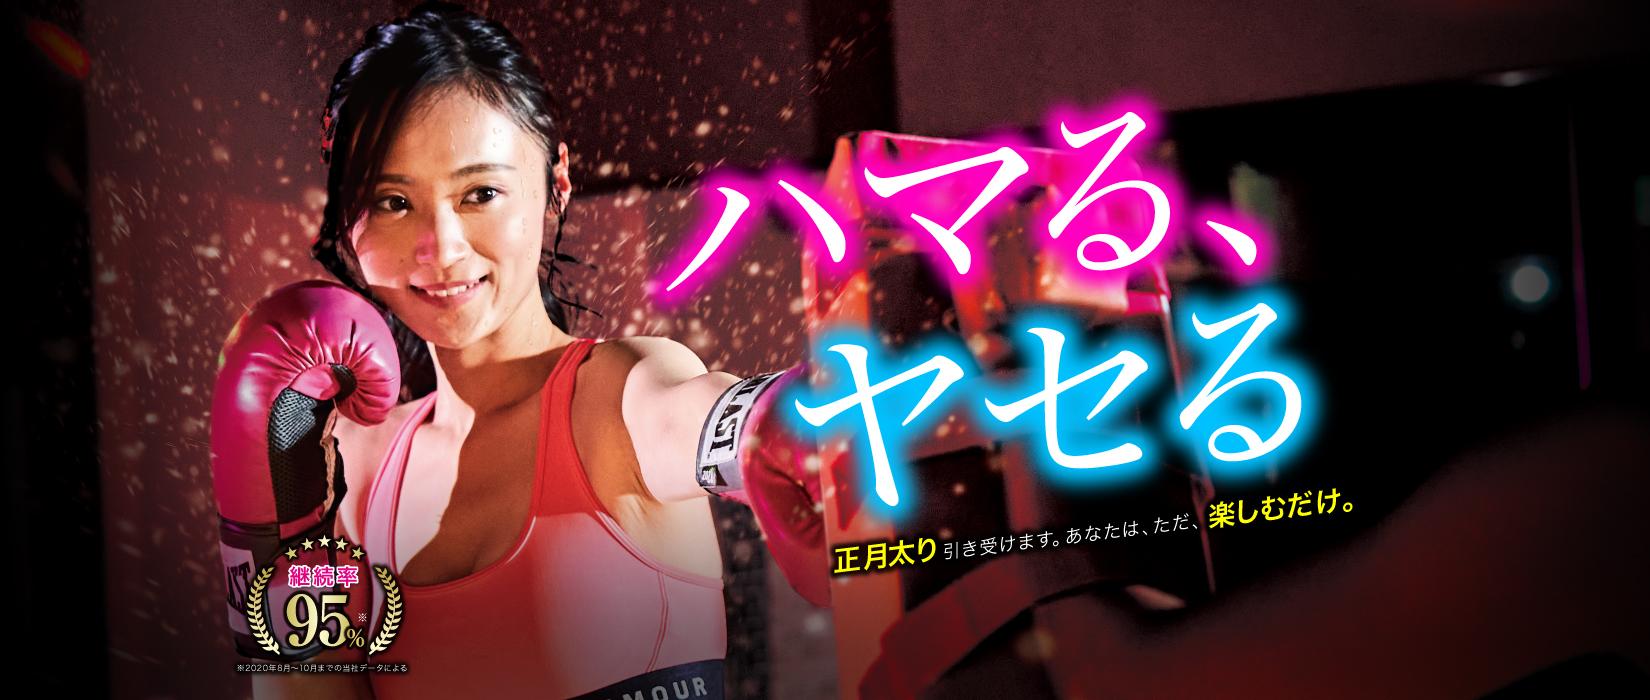 女性専用ボクシングジムエクササイズで今スグ! 夏魅せボディへ!SHAPE BOXING